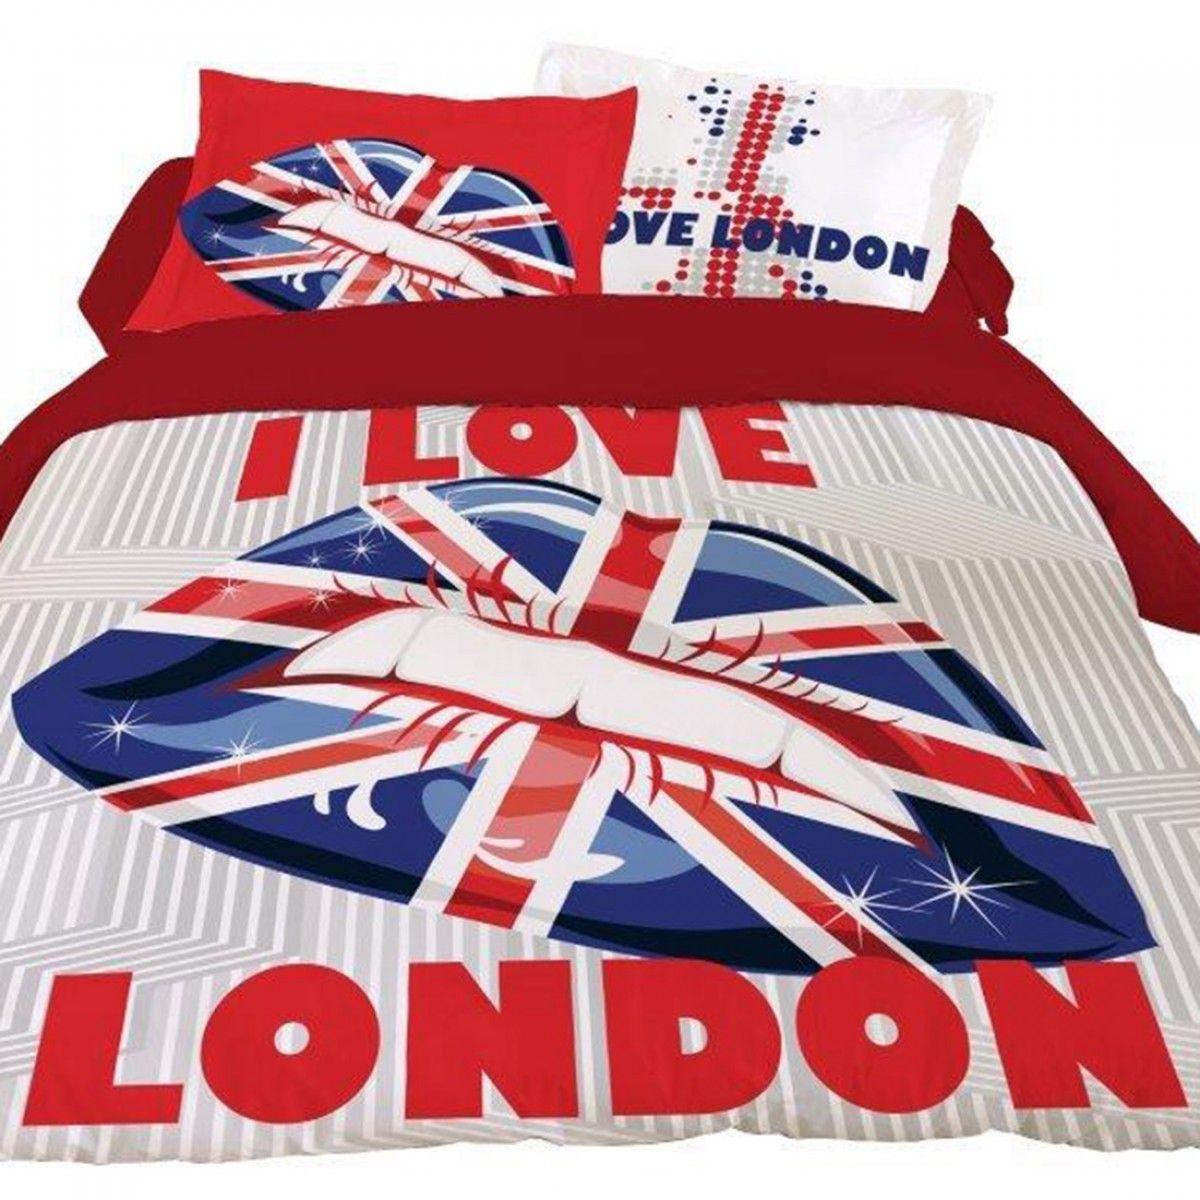 Housse De Couette 220x240 London Lips Avec Images Housse De Couette London Housse De Couette Housse De Couette 220x240